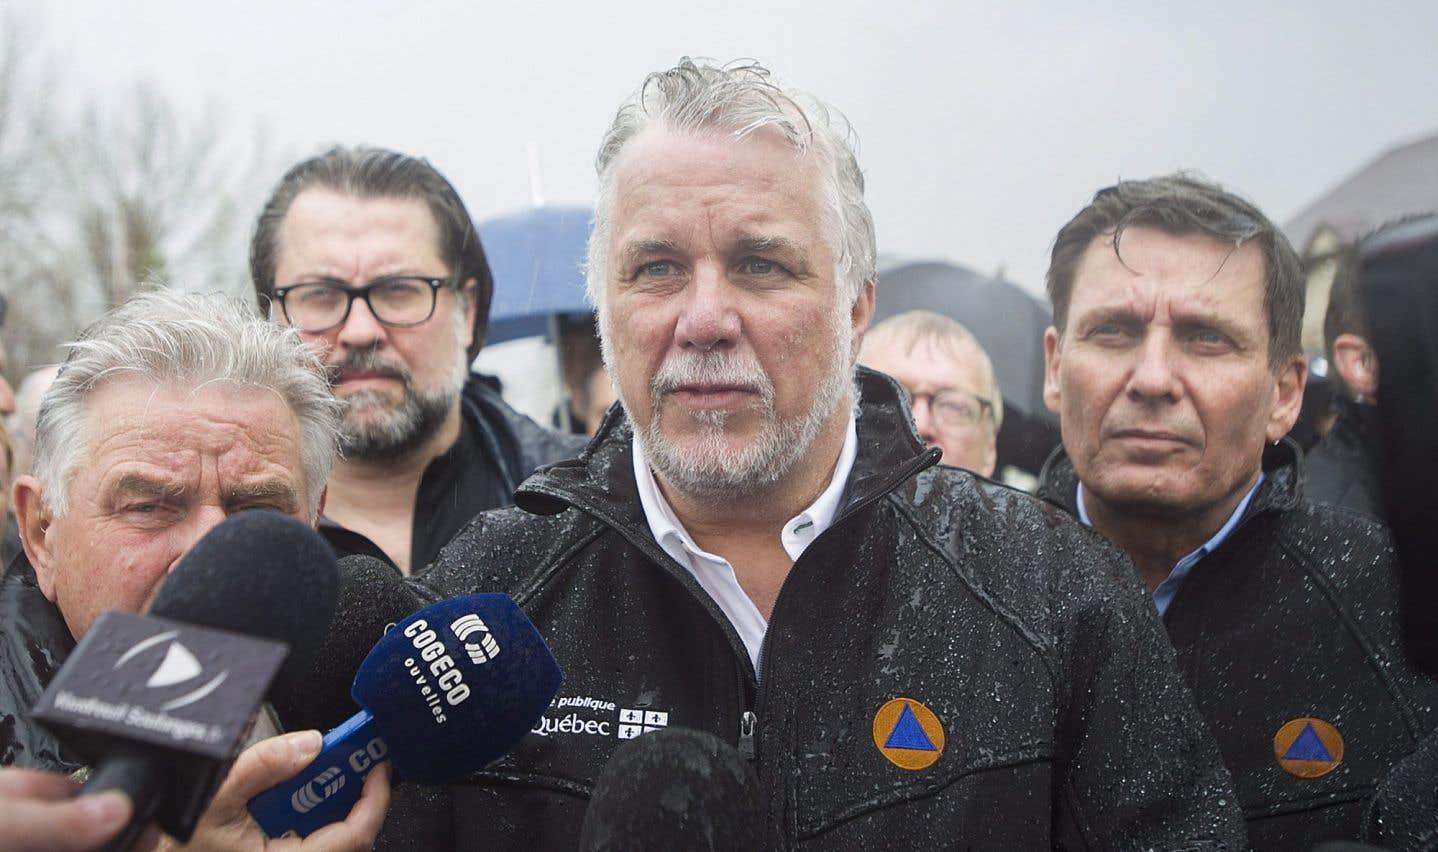 Inondations: le premier ministre Couillard dit être intervenu à temps